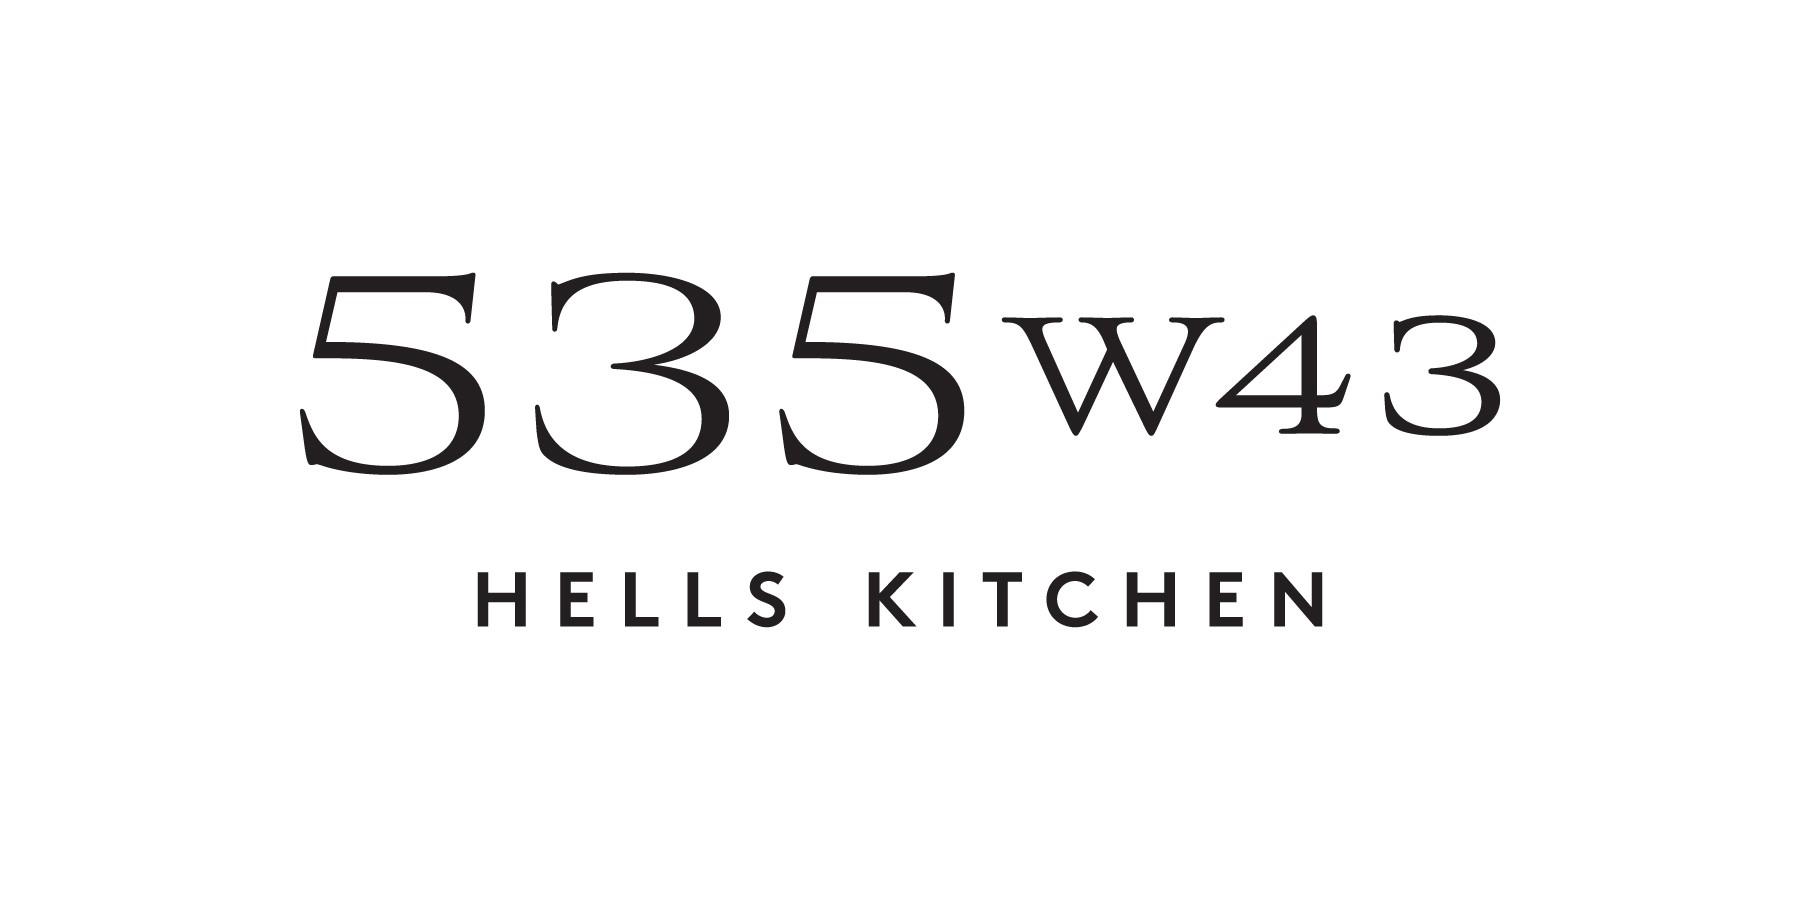 535 W 43rd HELLS KITCHEN